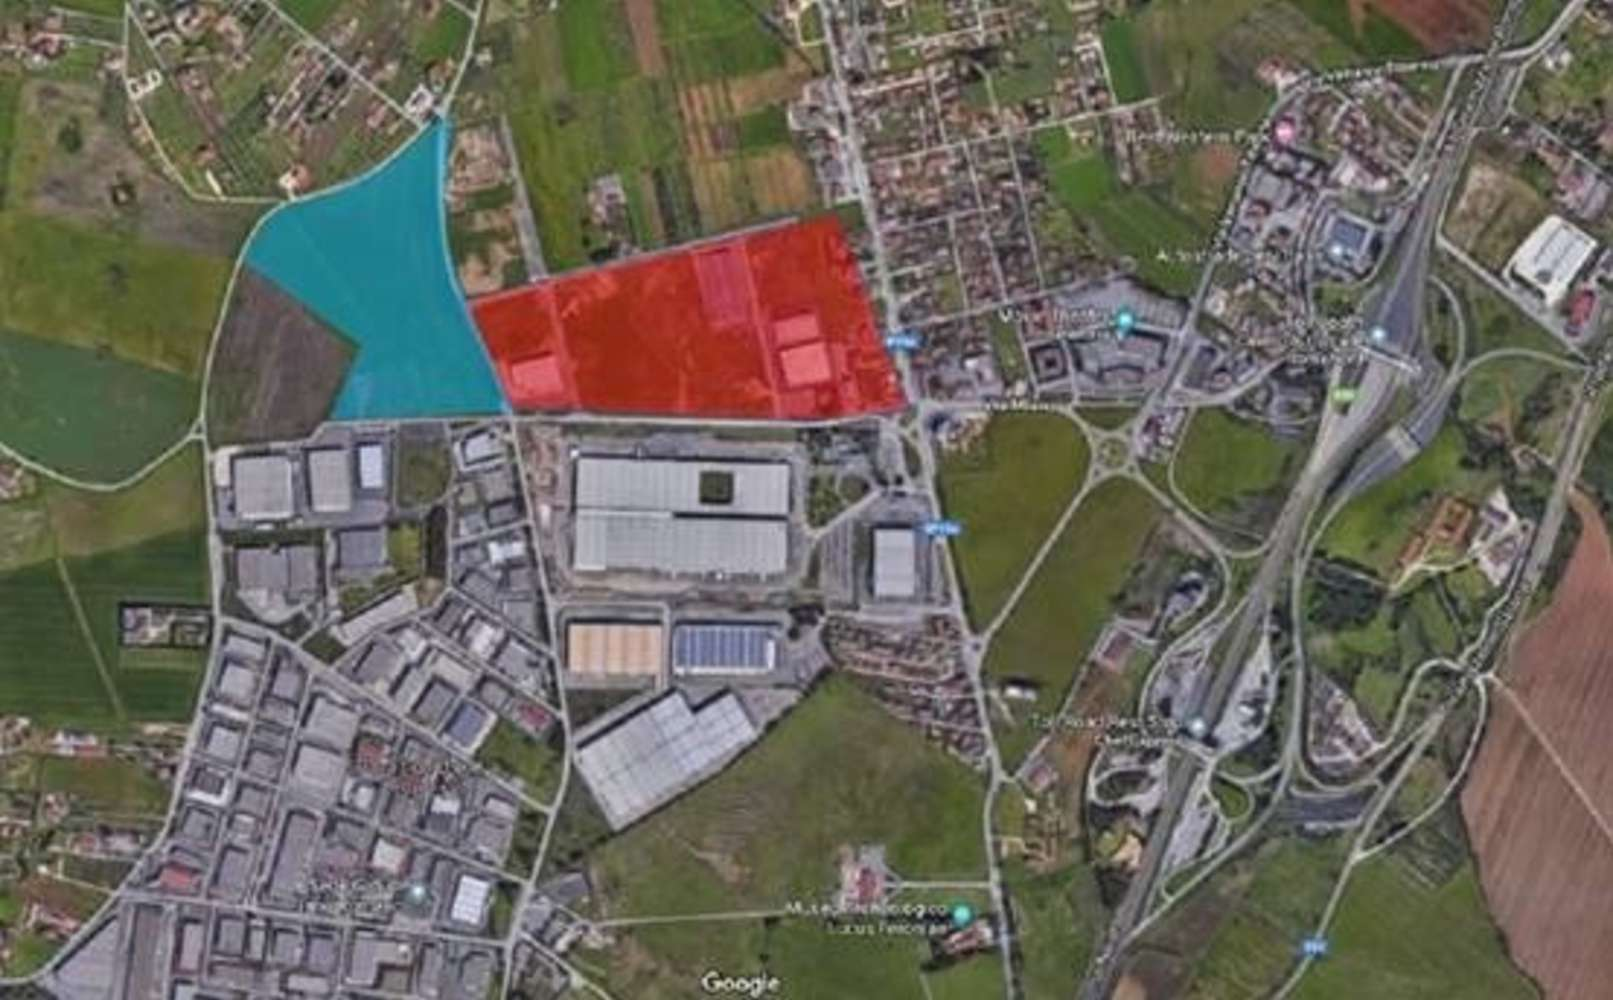 Magazzini industriali e logistici Fiano romano, 00065 - Fiano Romano Area di Sviluppo Industriale e Logistico - 10886111